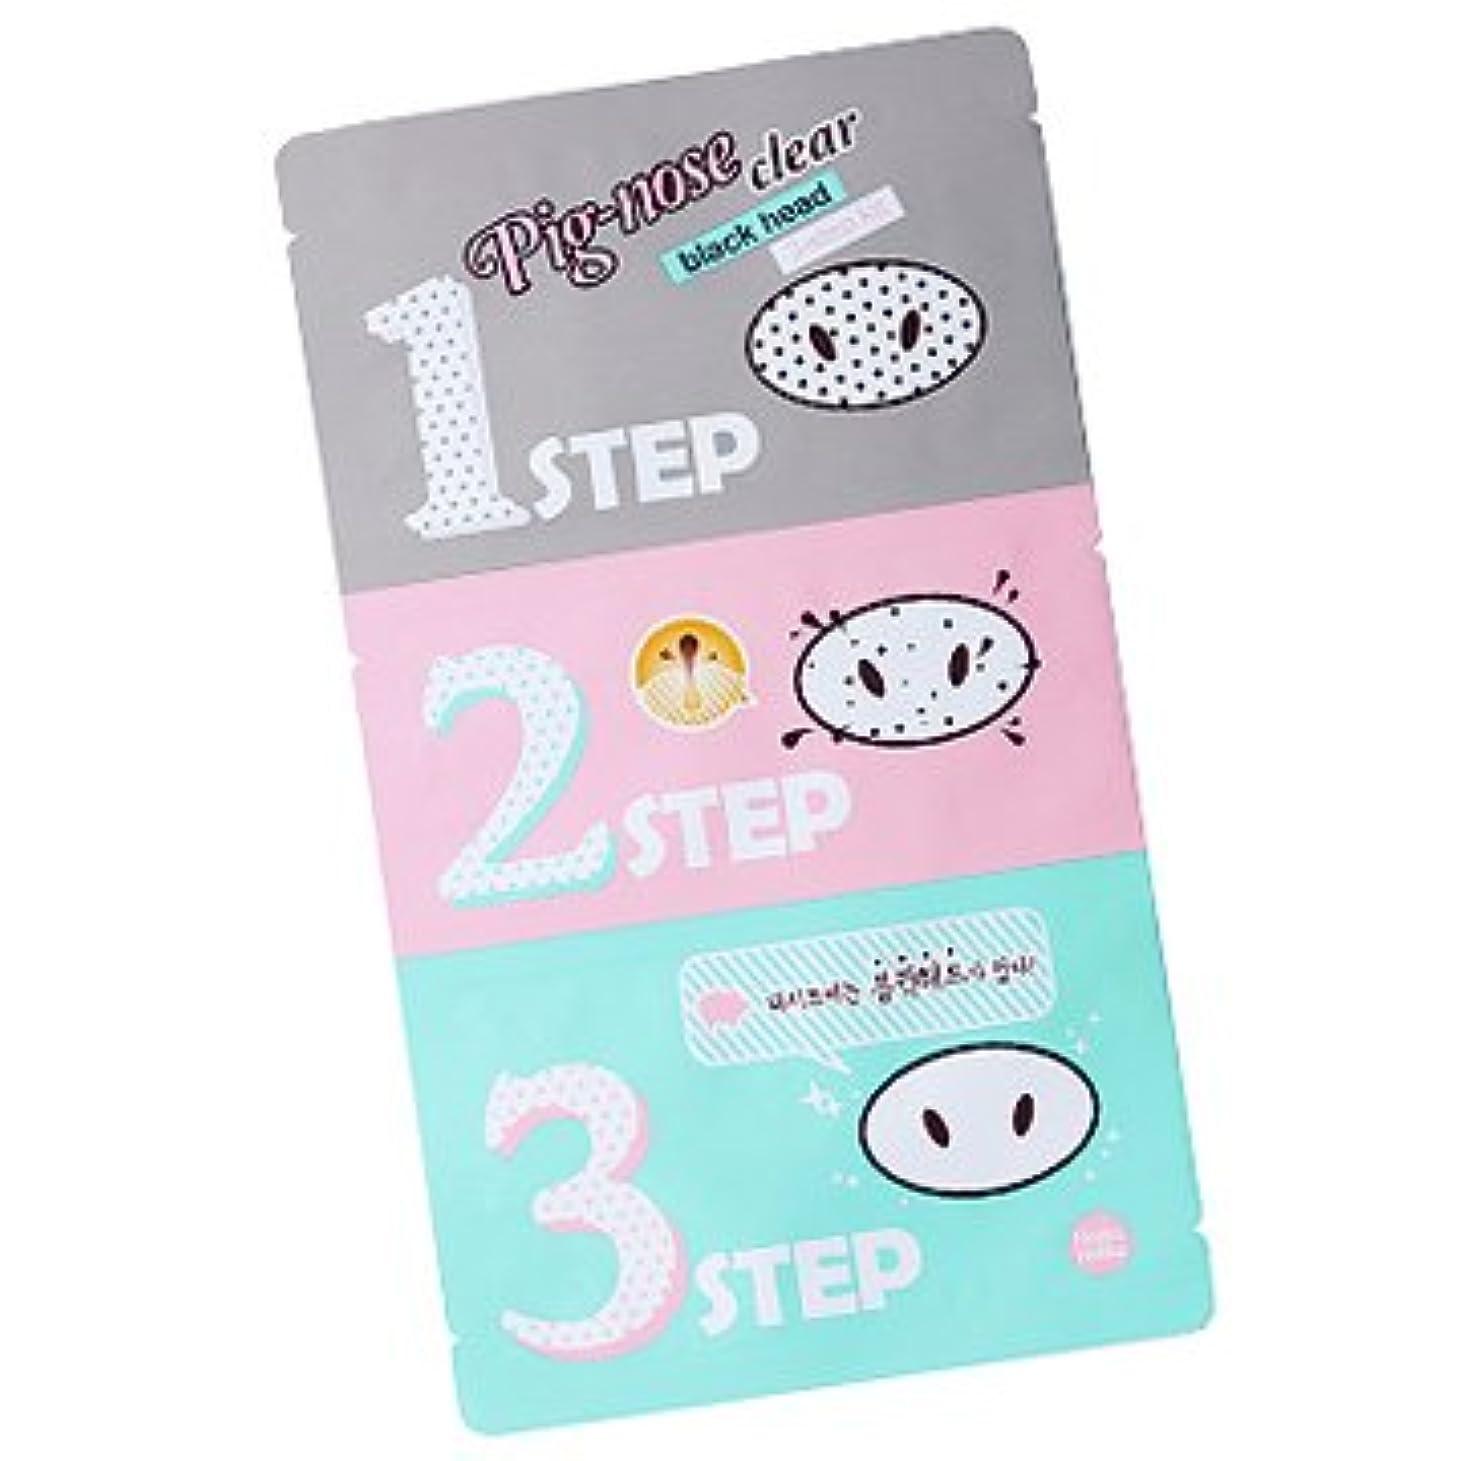 切り刻む特権的調子Holika Holika Pig Nose Clear Black Head 3-Step Kit 3EA (Nose Pack) ホリカホリカ ピグノーズクリアブラックヘッド3-Stepキット(鼻パック) 3pcs...